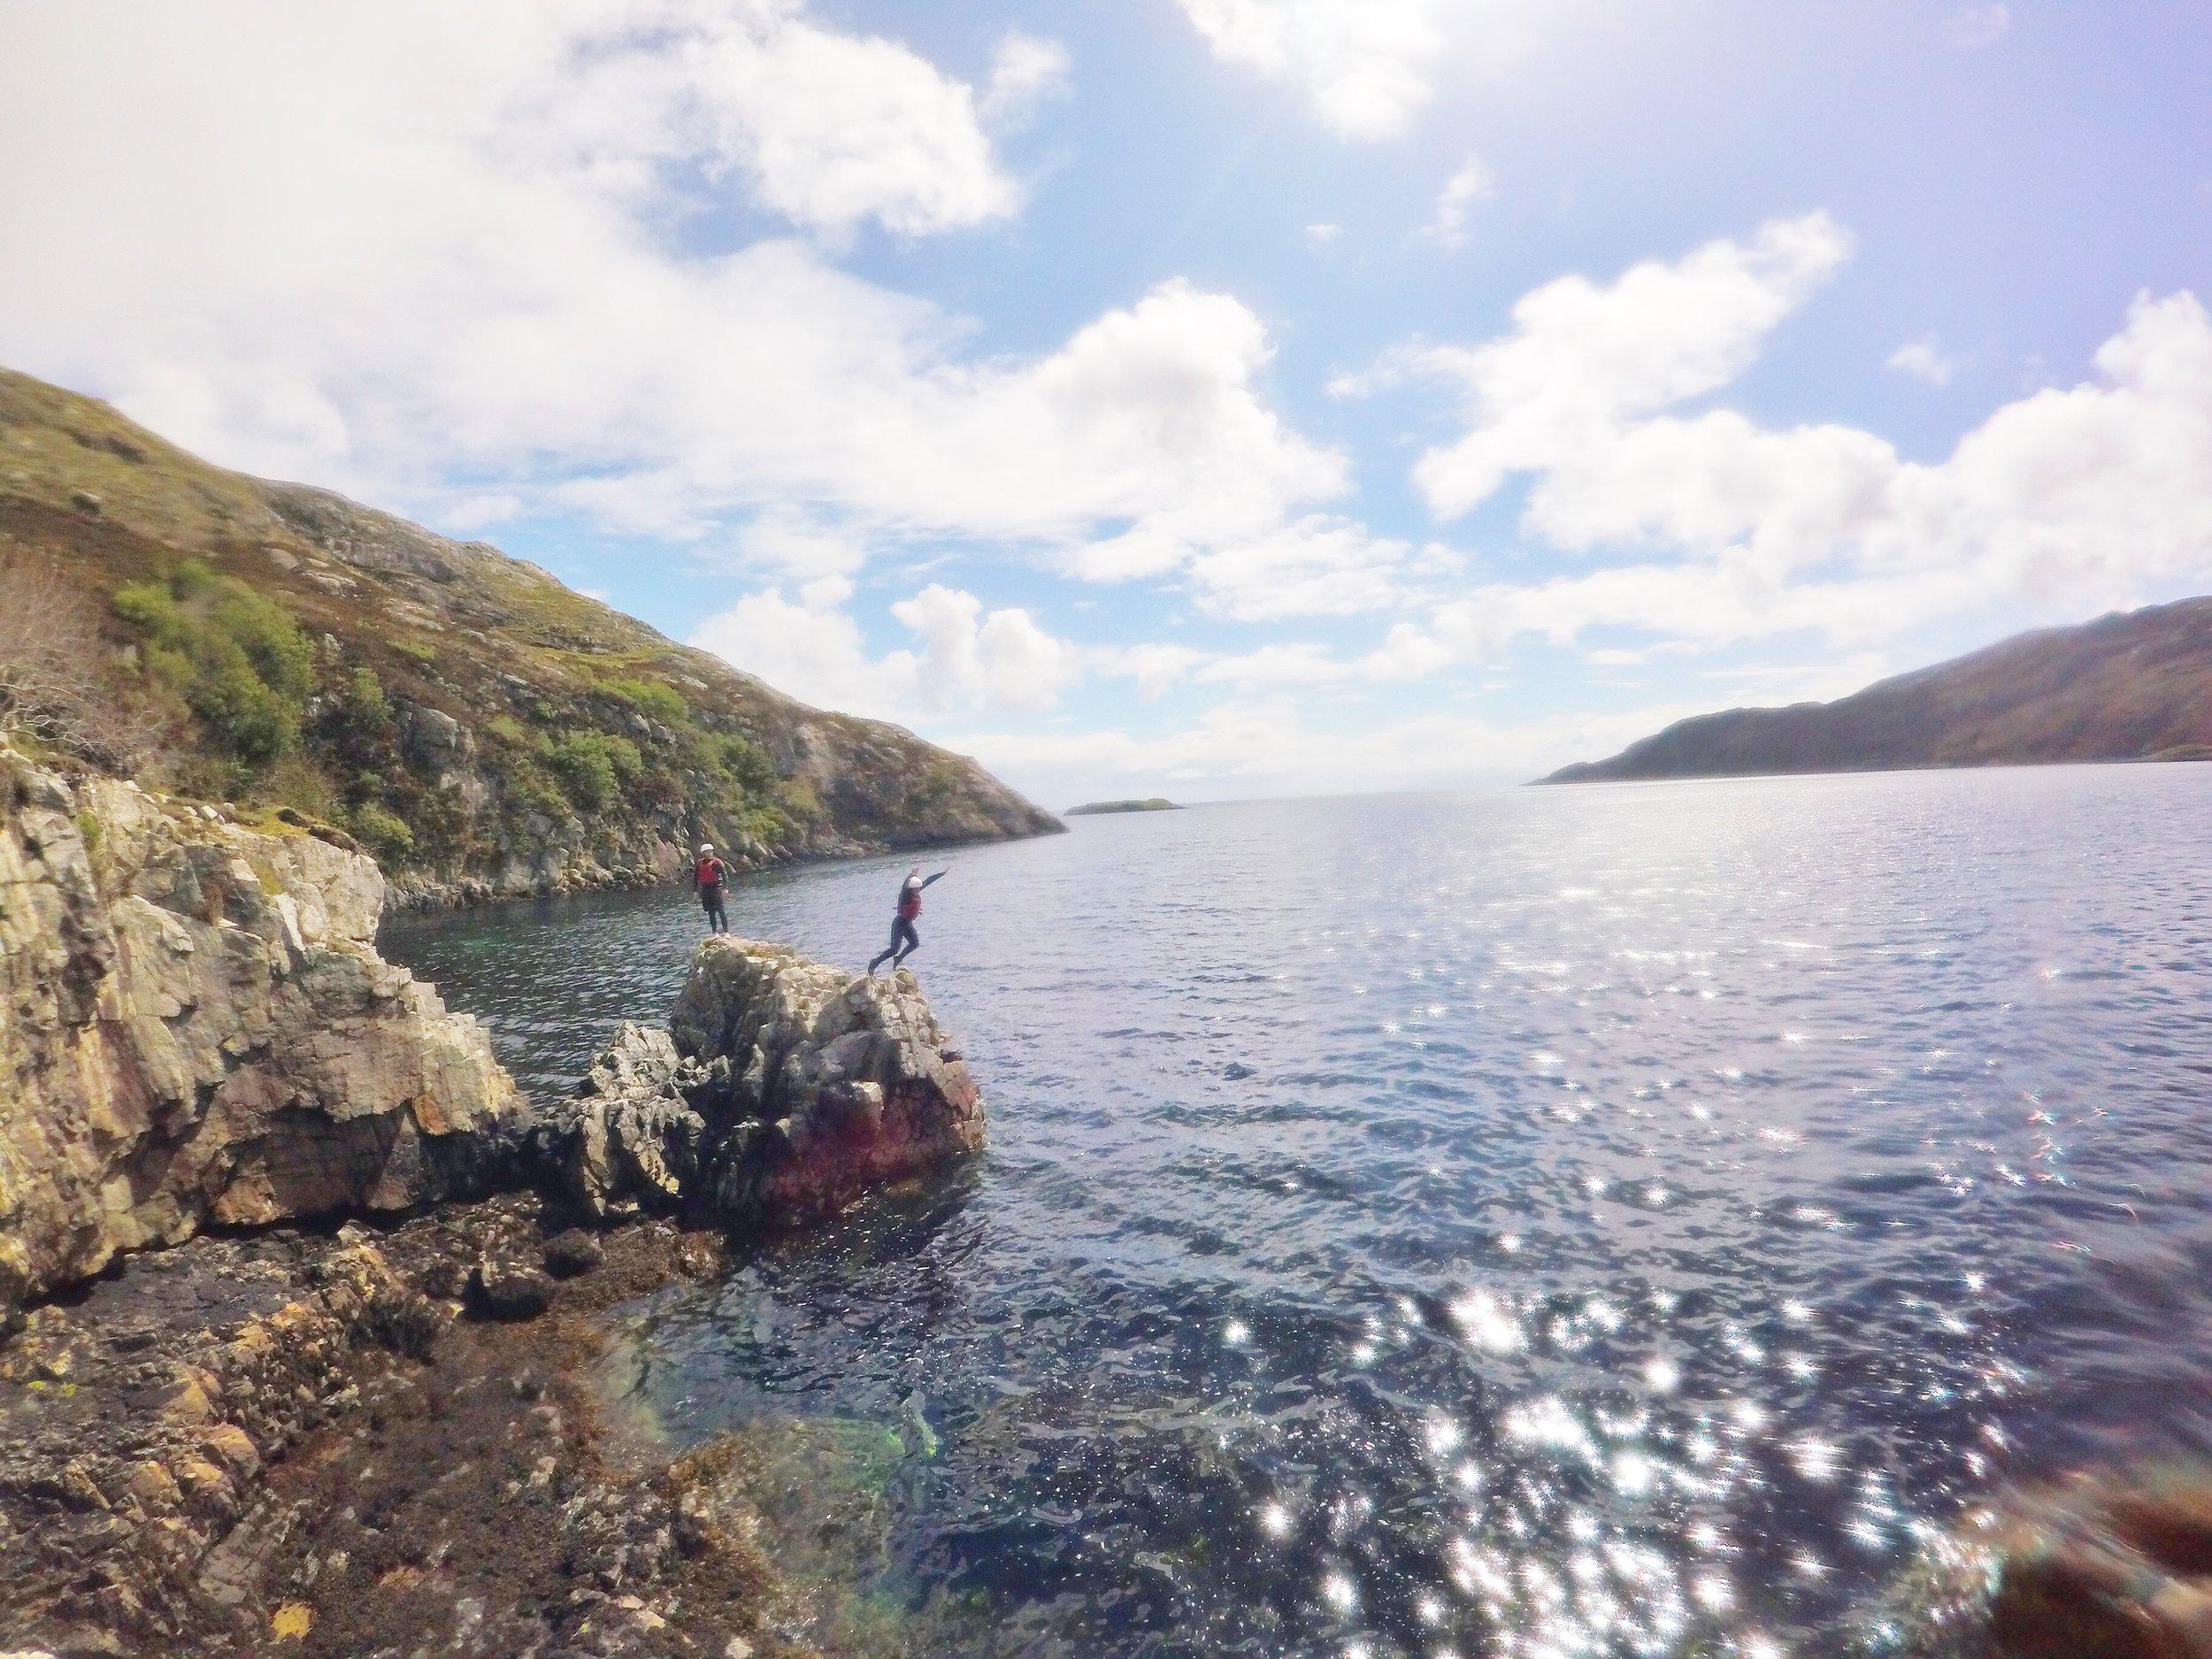 Coasteering Scotland, Outer hebrides adventure road trip